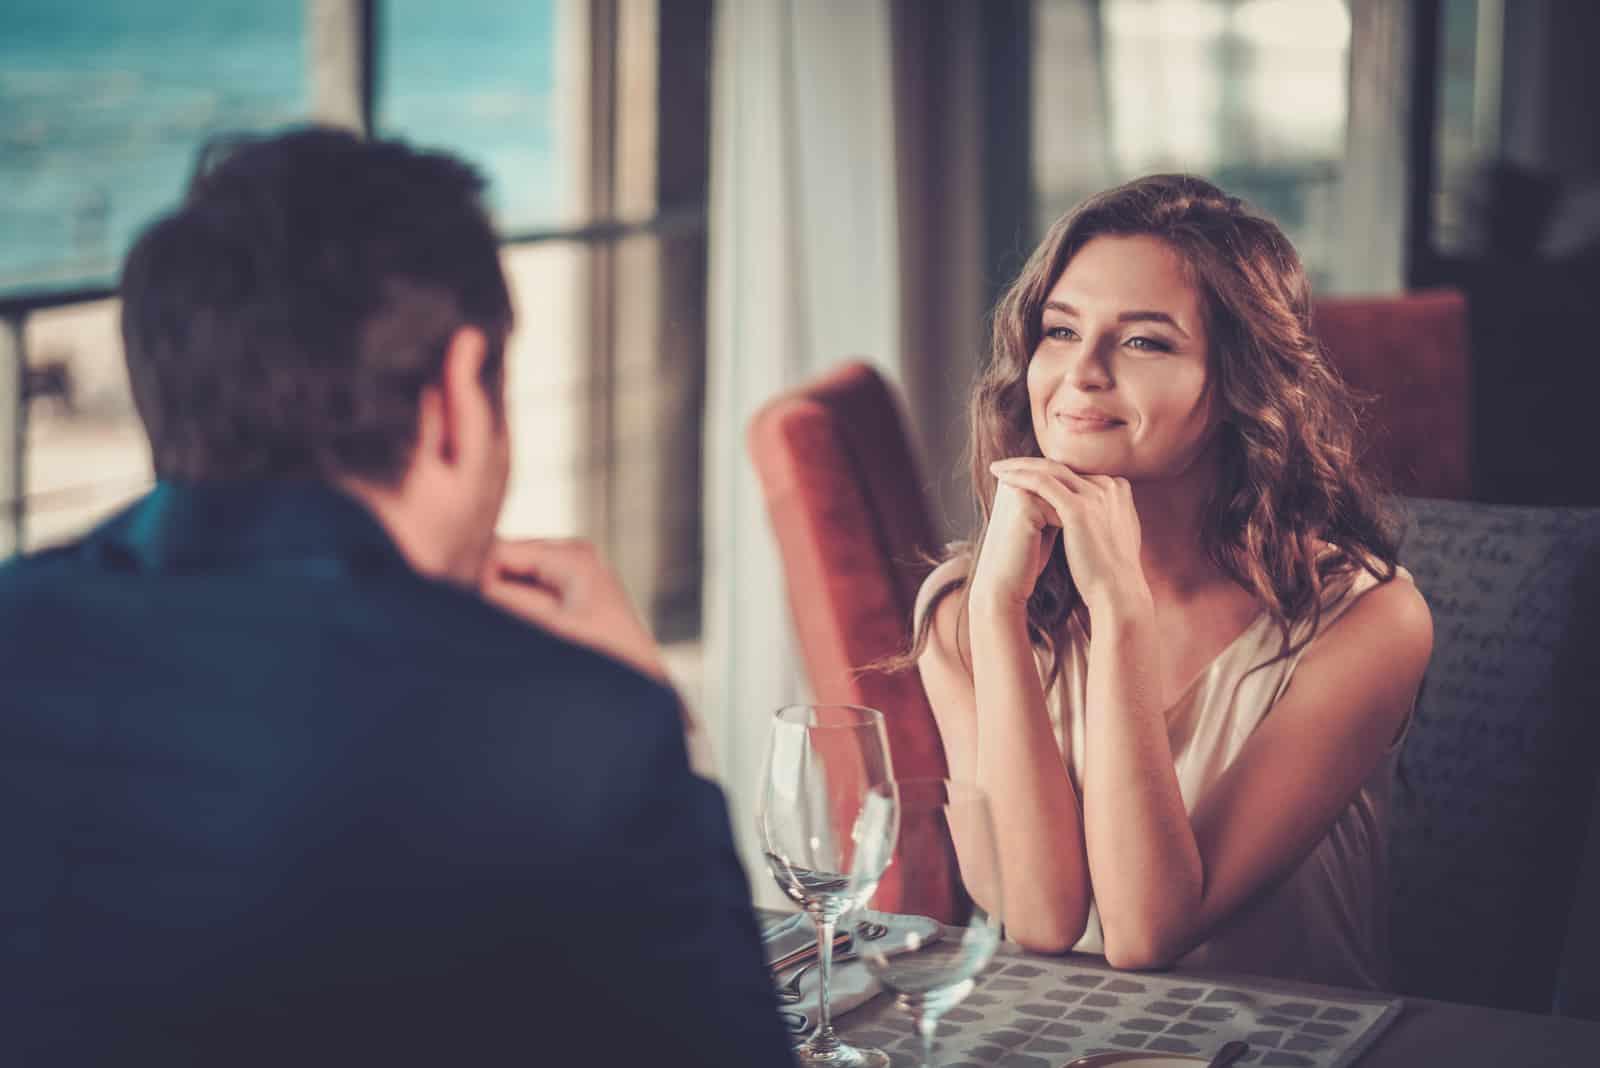 Schönes Paar am Tag in einem Restaurant